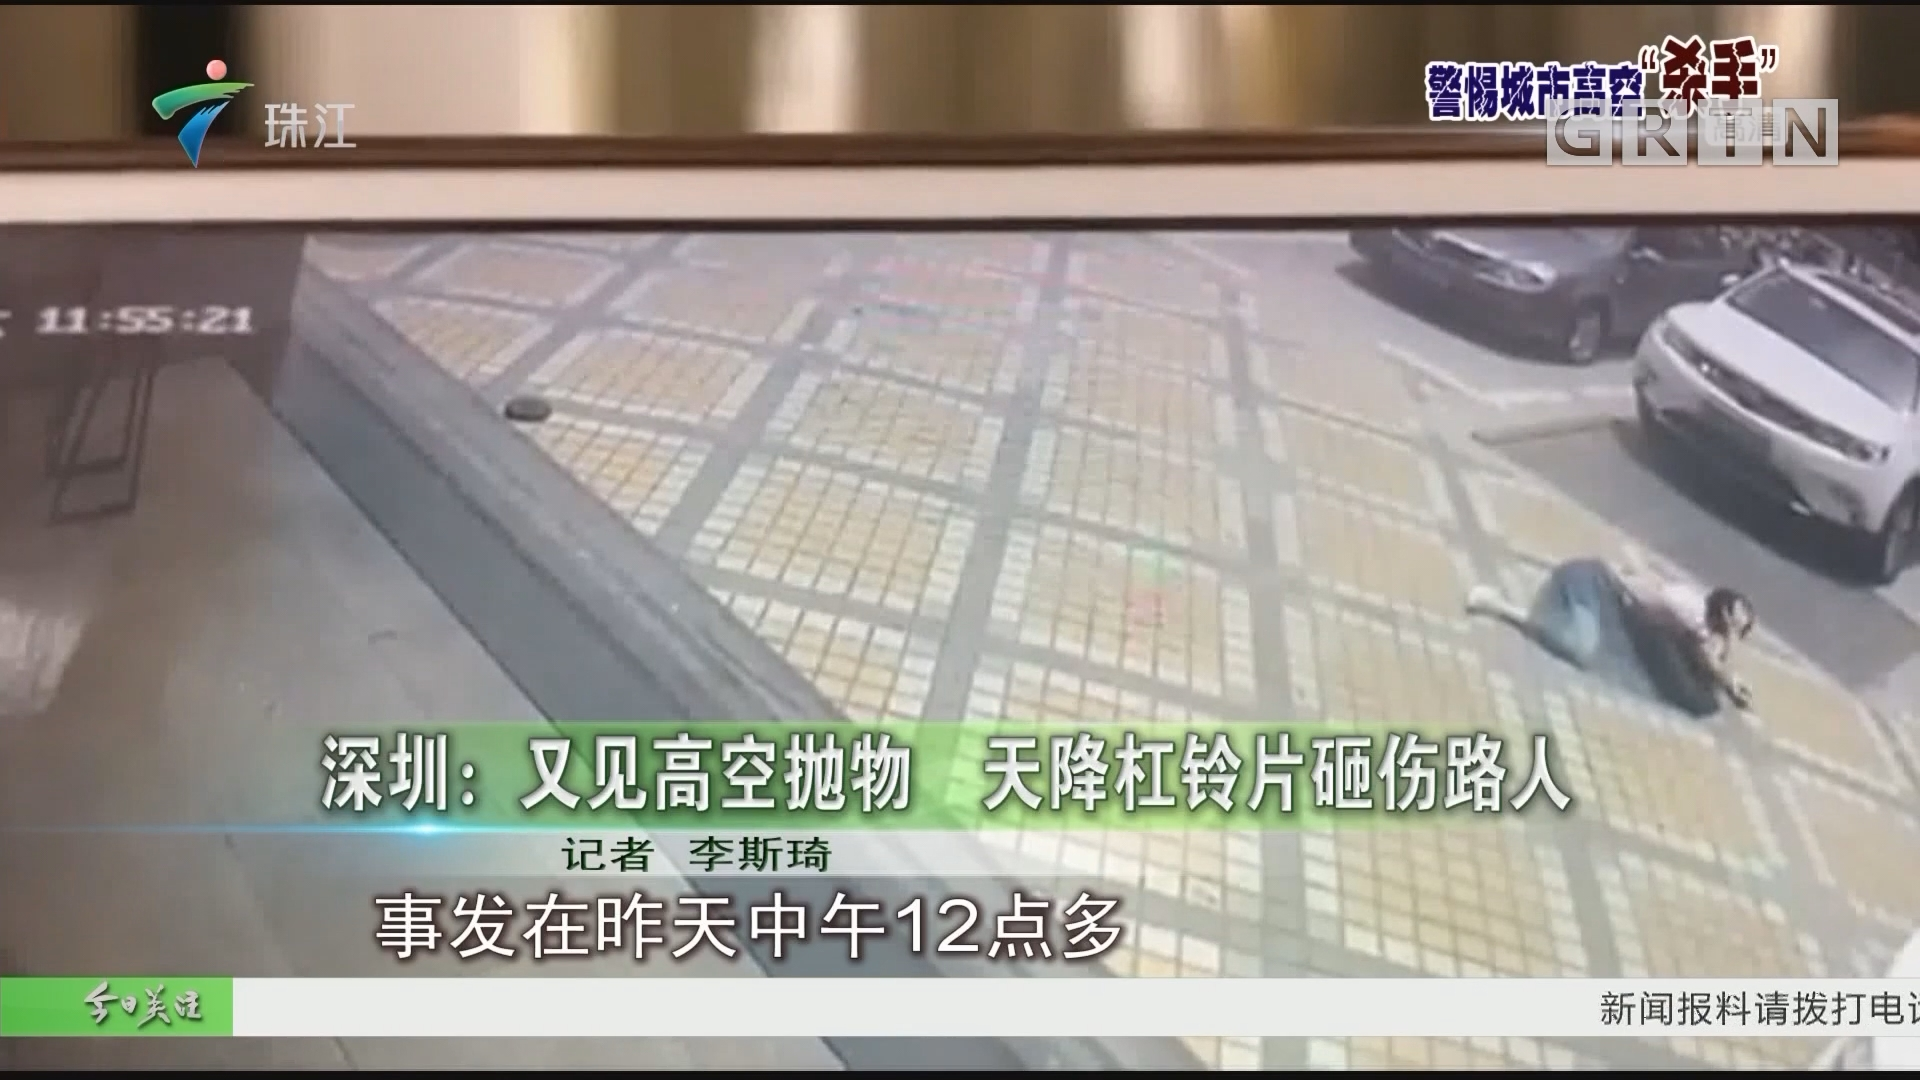 深圳:又见高空抛物 天降杠铃片砸伤路人